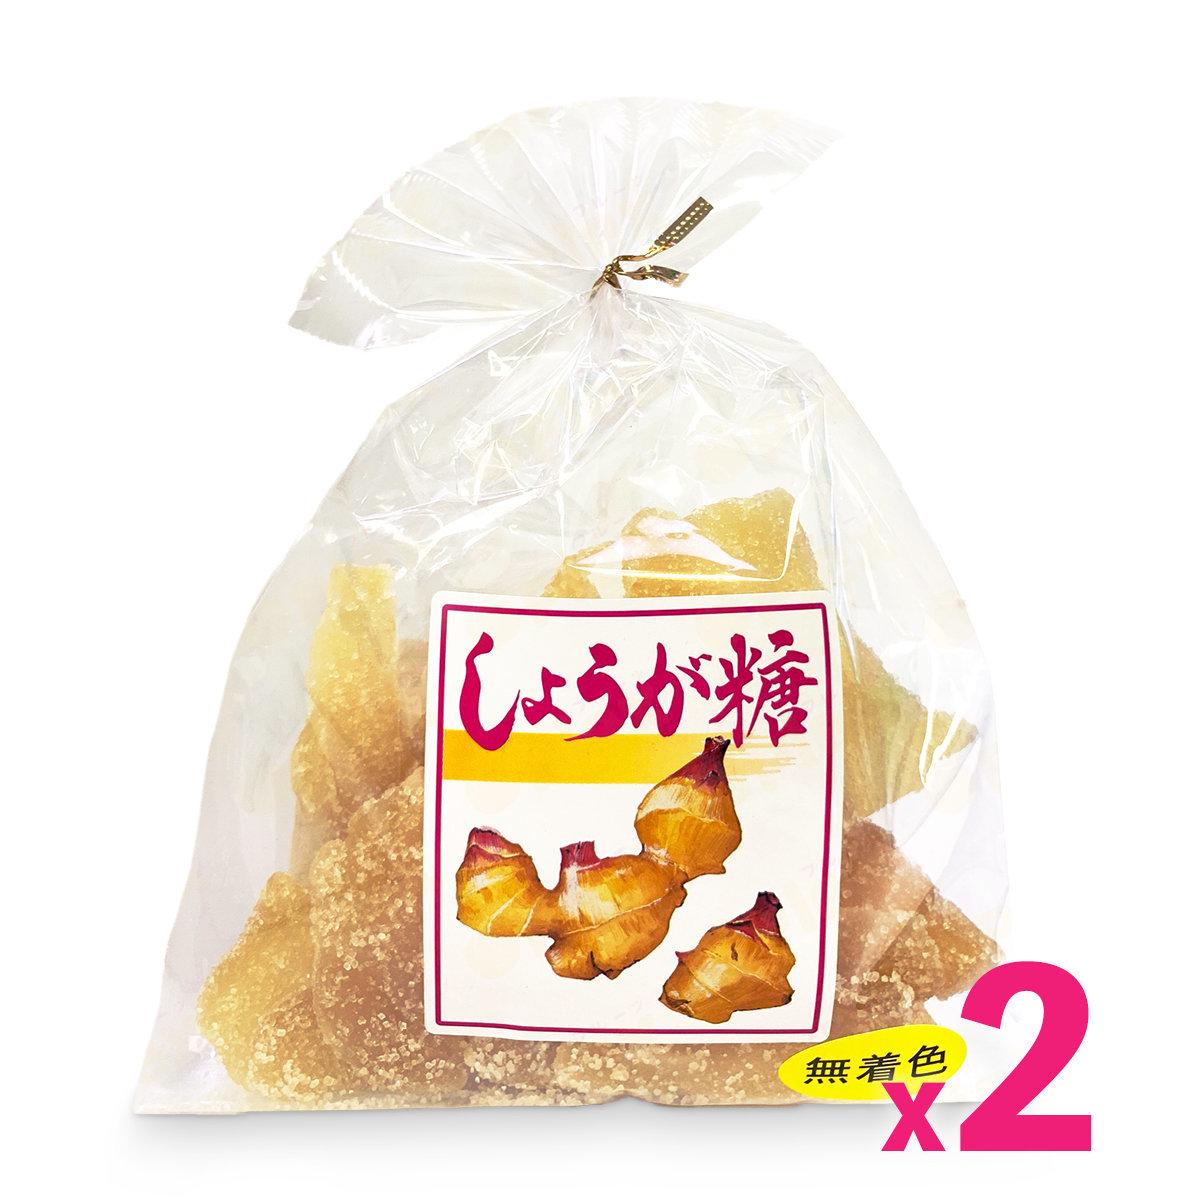 日本純天然生薑糖 (200克) x 2